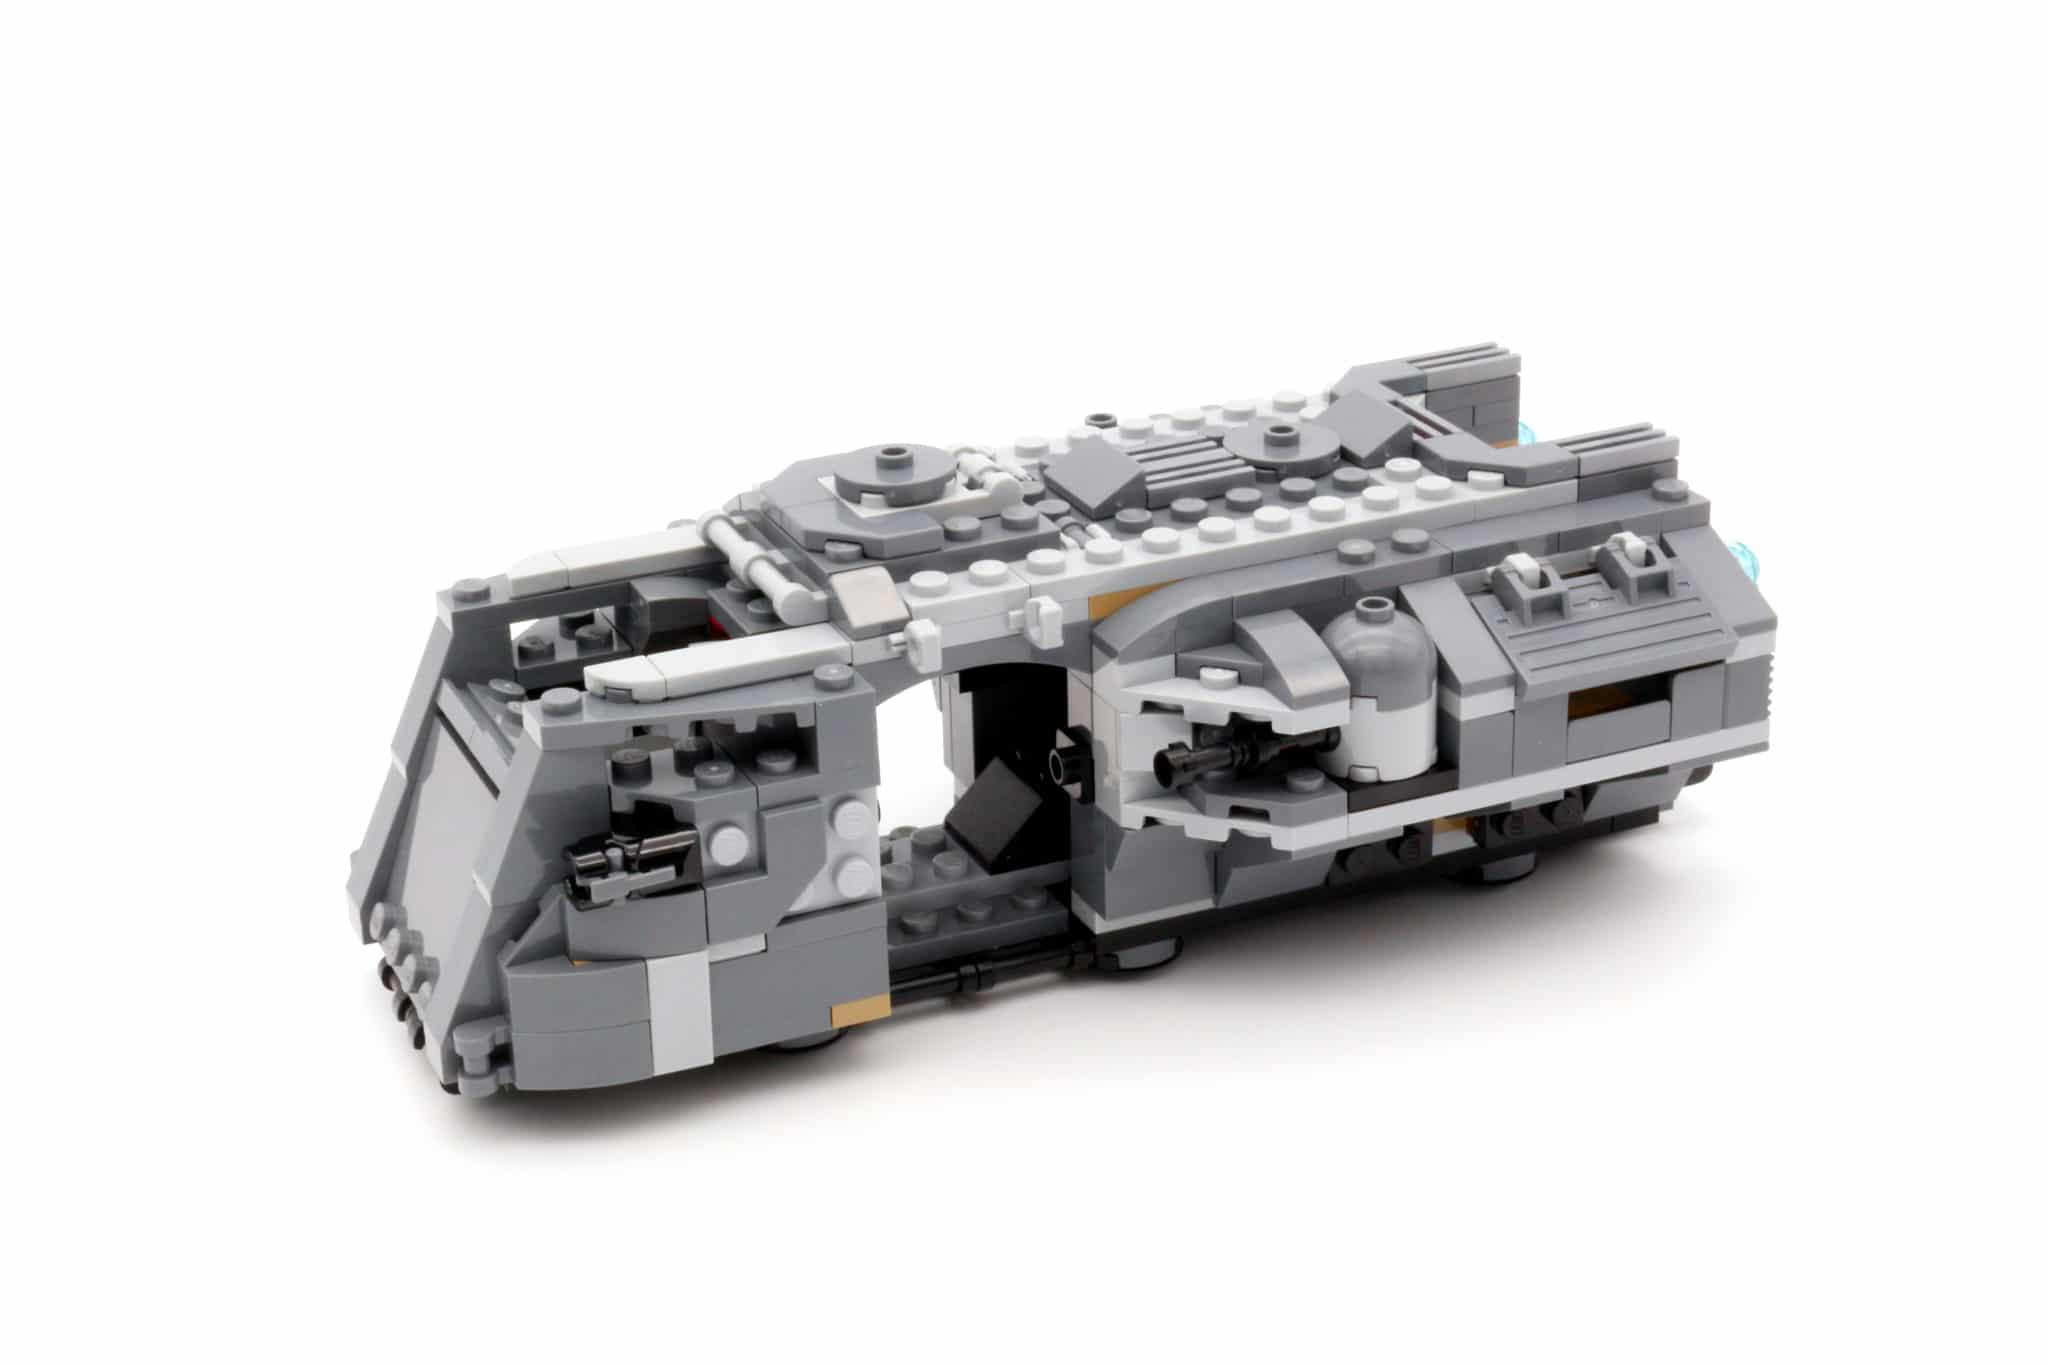 LEGO Star Wars 75311 Imperial Marauder 20